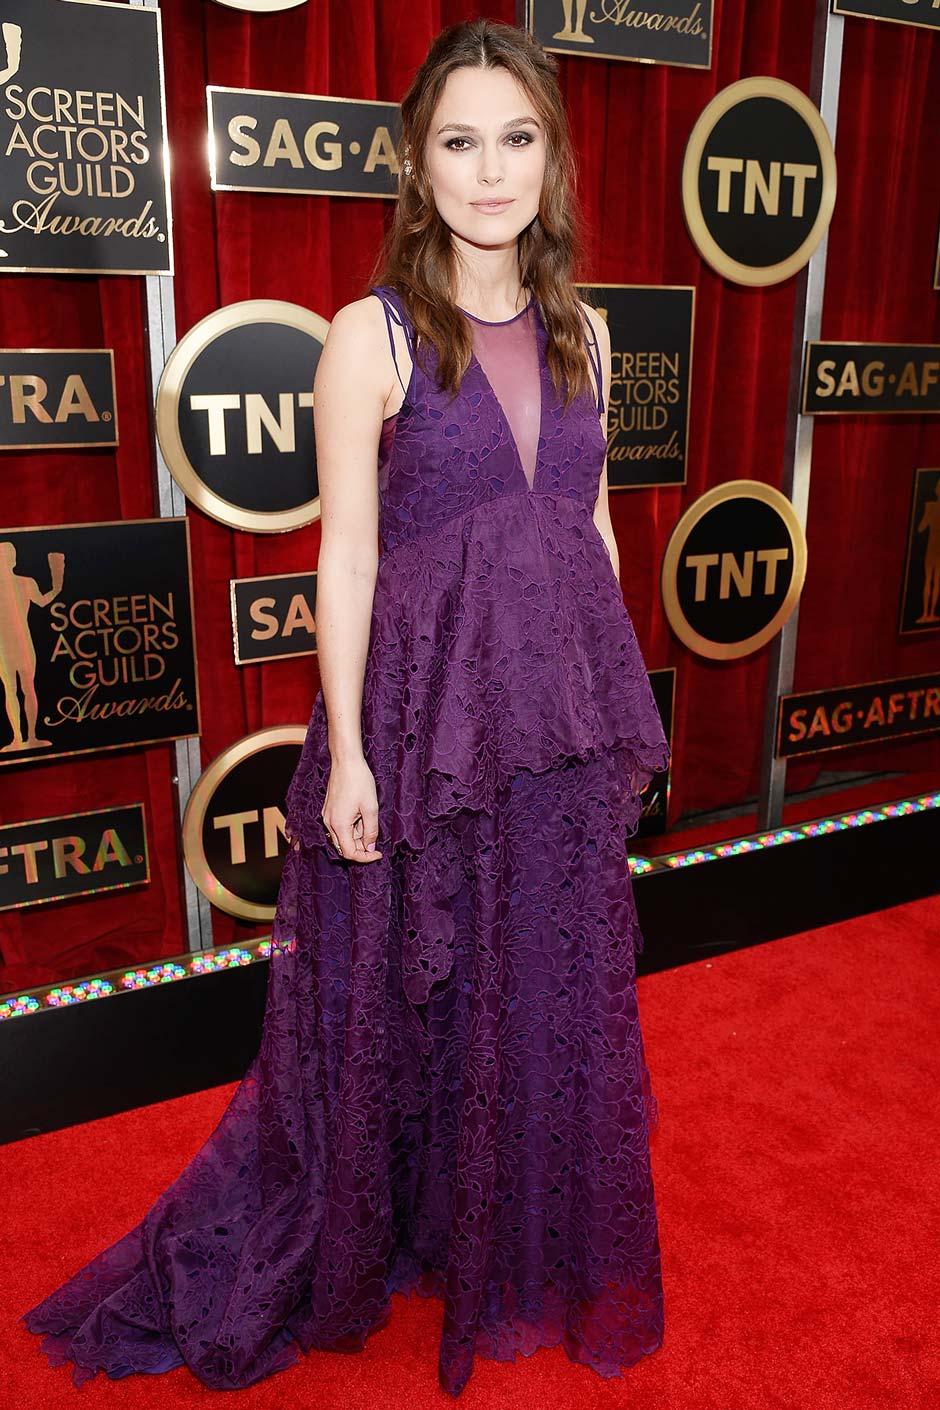 Robe de soirée grossesse en dentelle violette de Keira Knightley